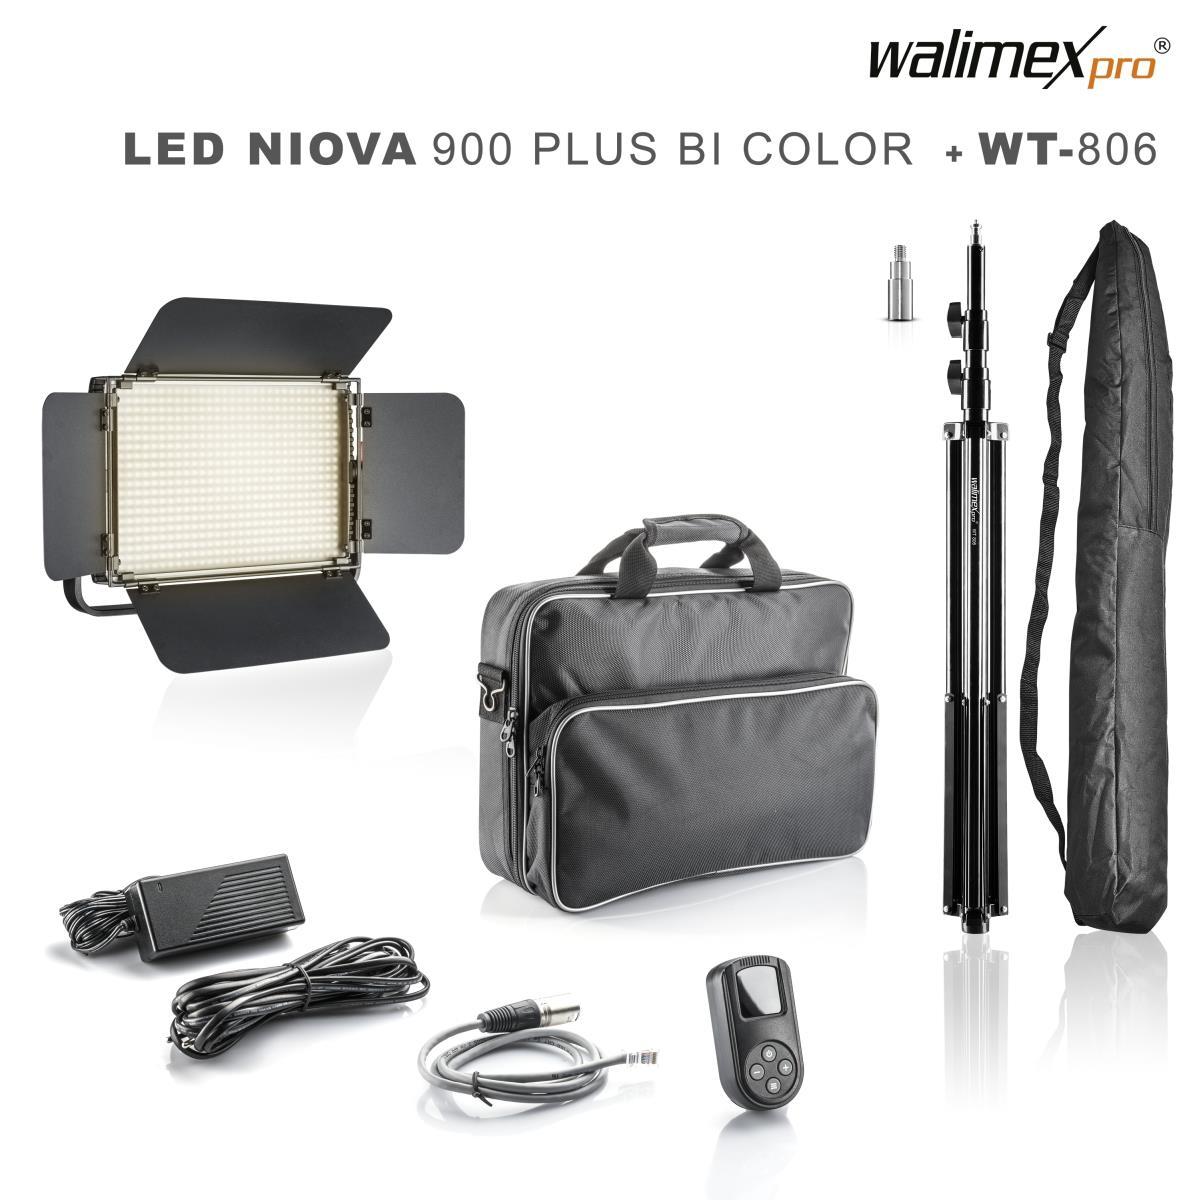 Walimex pro LED Niova 900 Plus Bi Color 54W Set mit  WT-806 Stativ